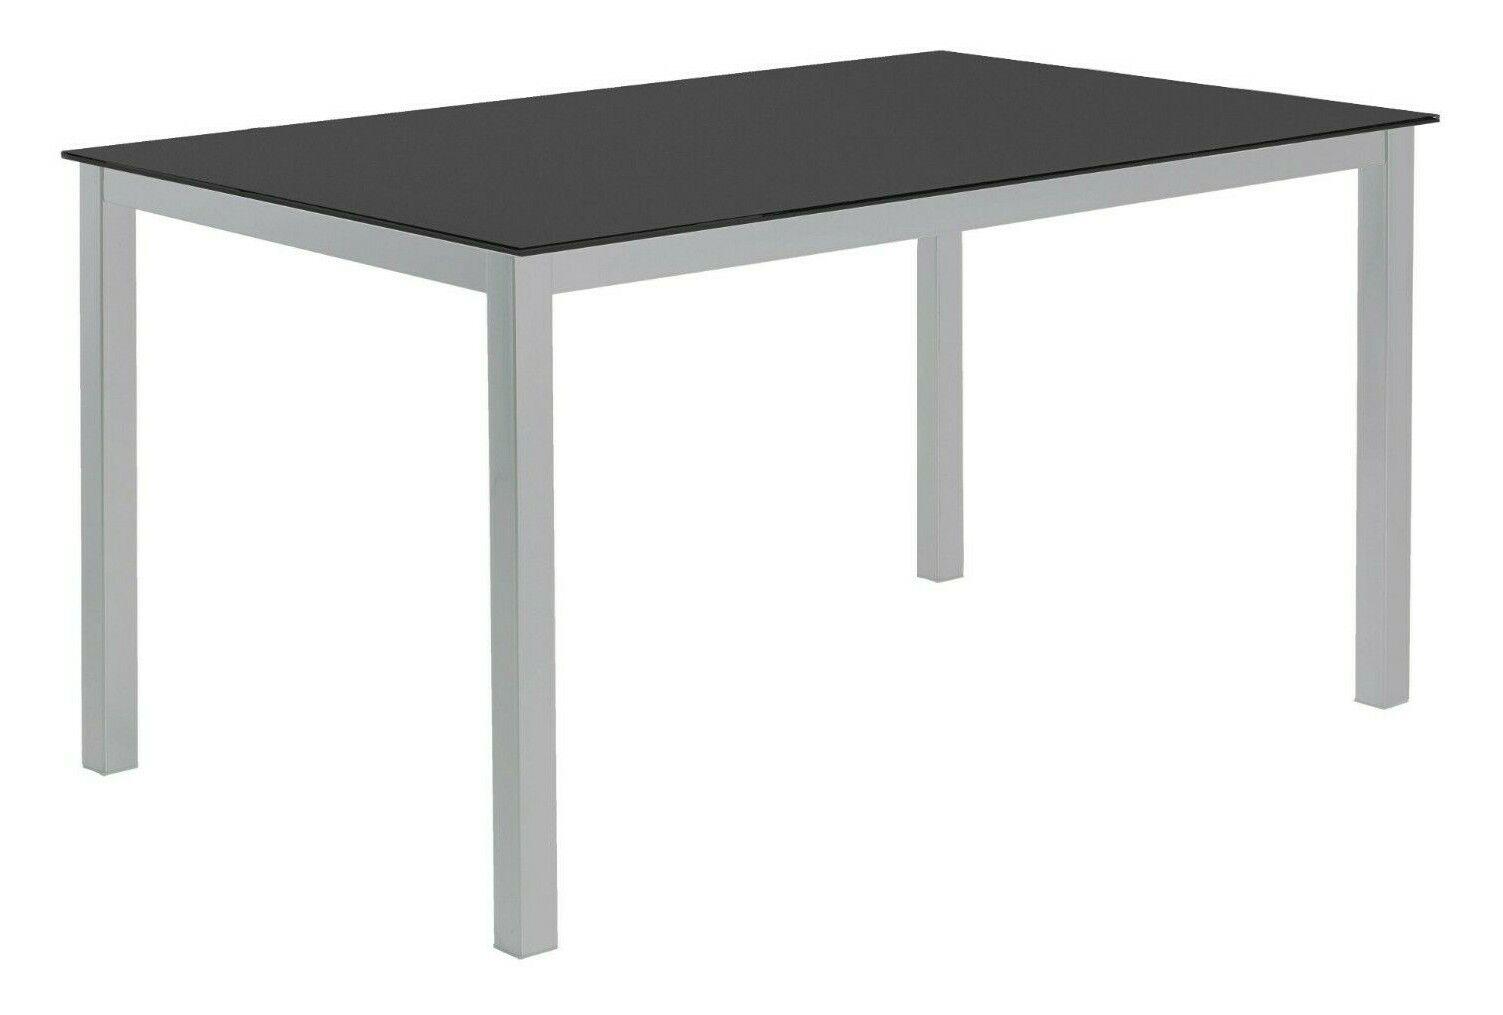 Mesa cocina grande o salon comedor cristal templado negro y patas ...